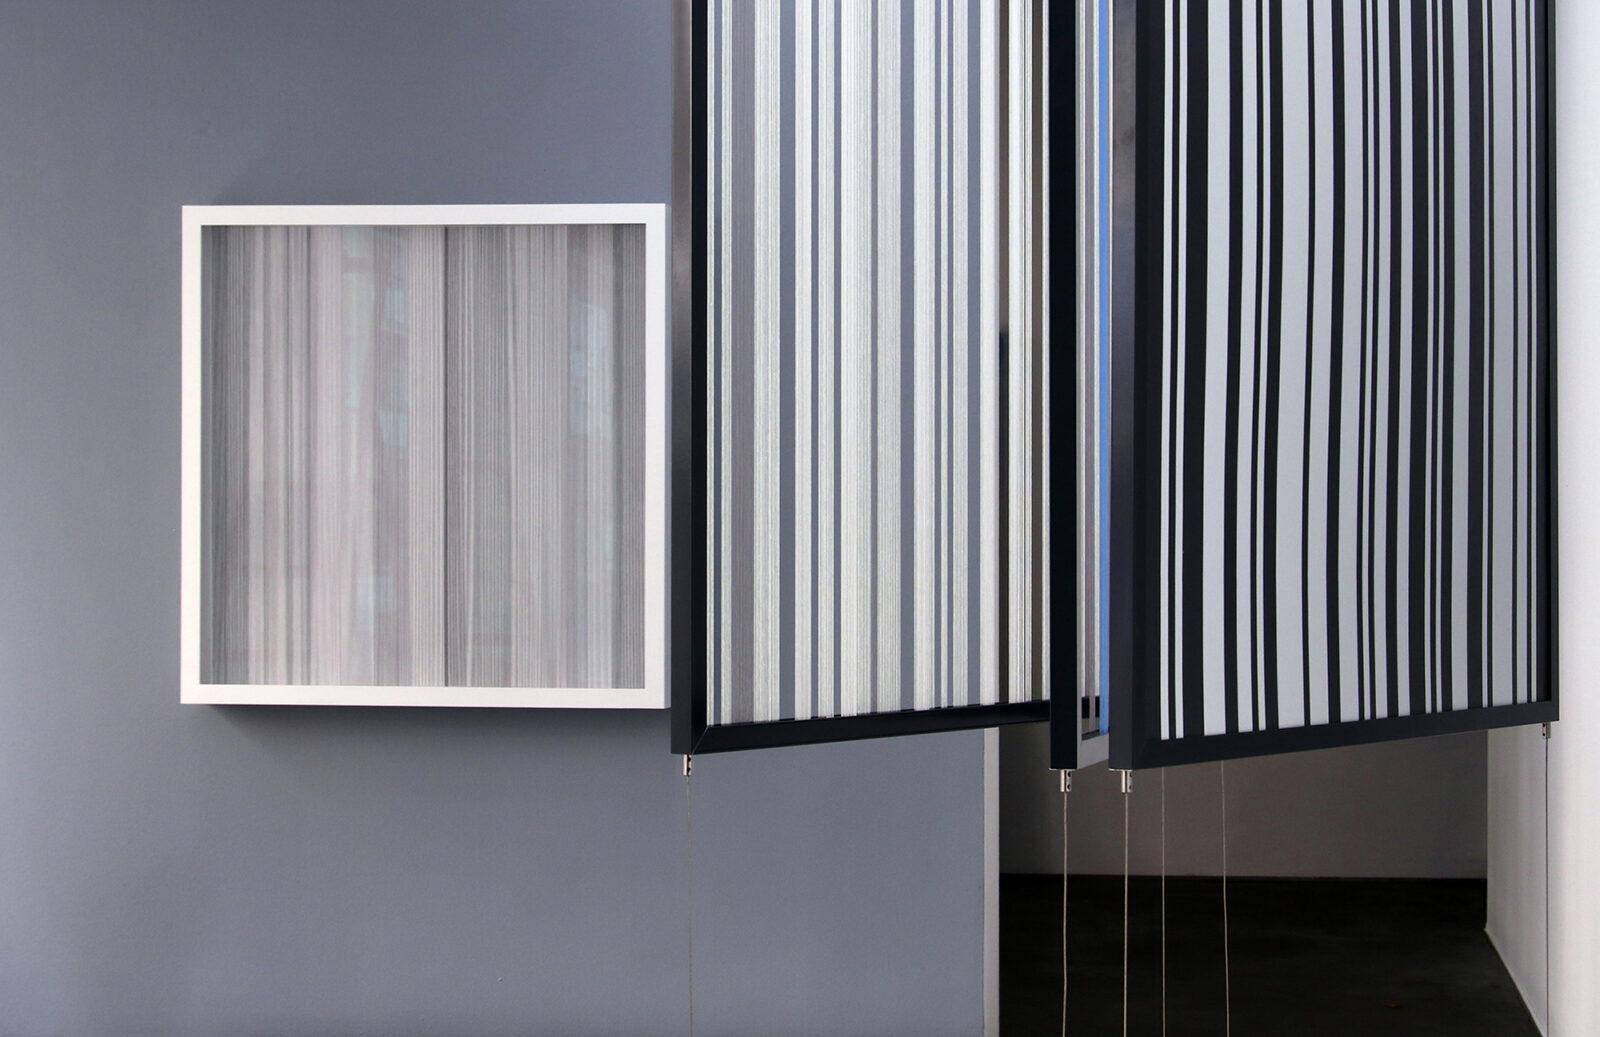 Galerie Maurer 5